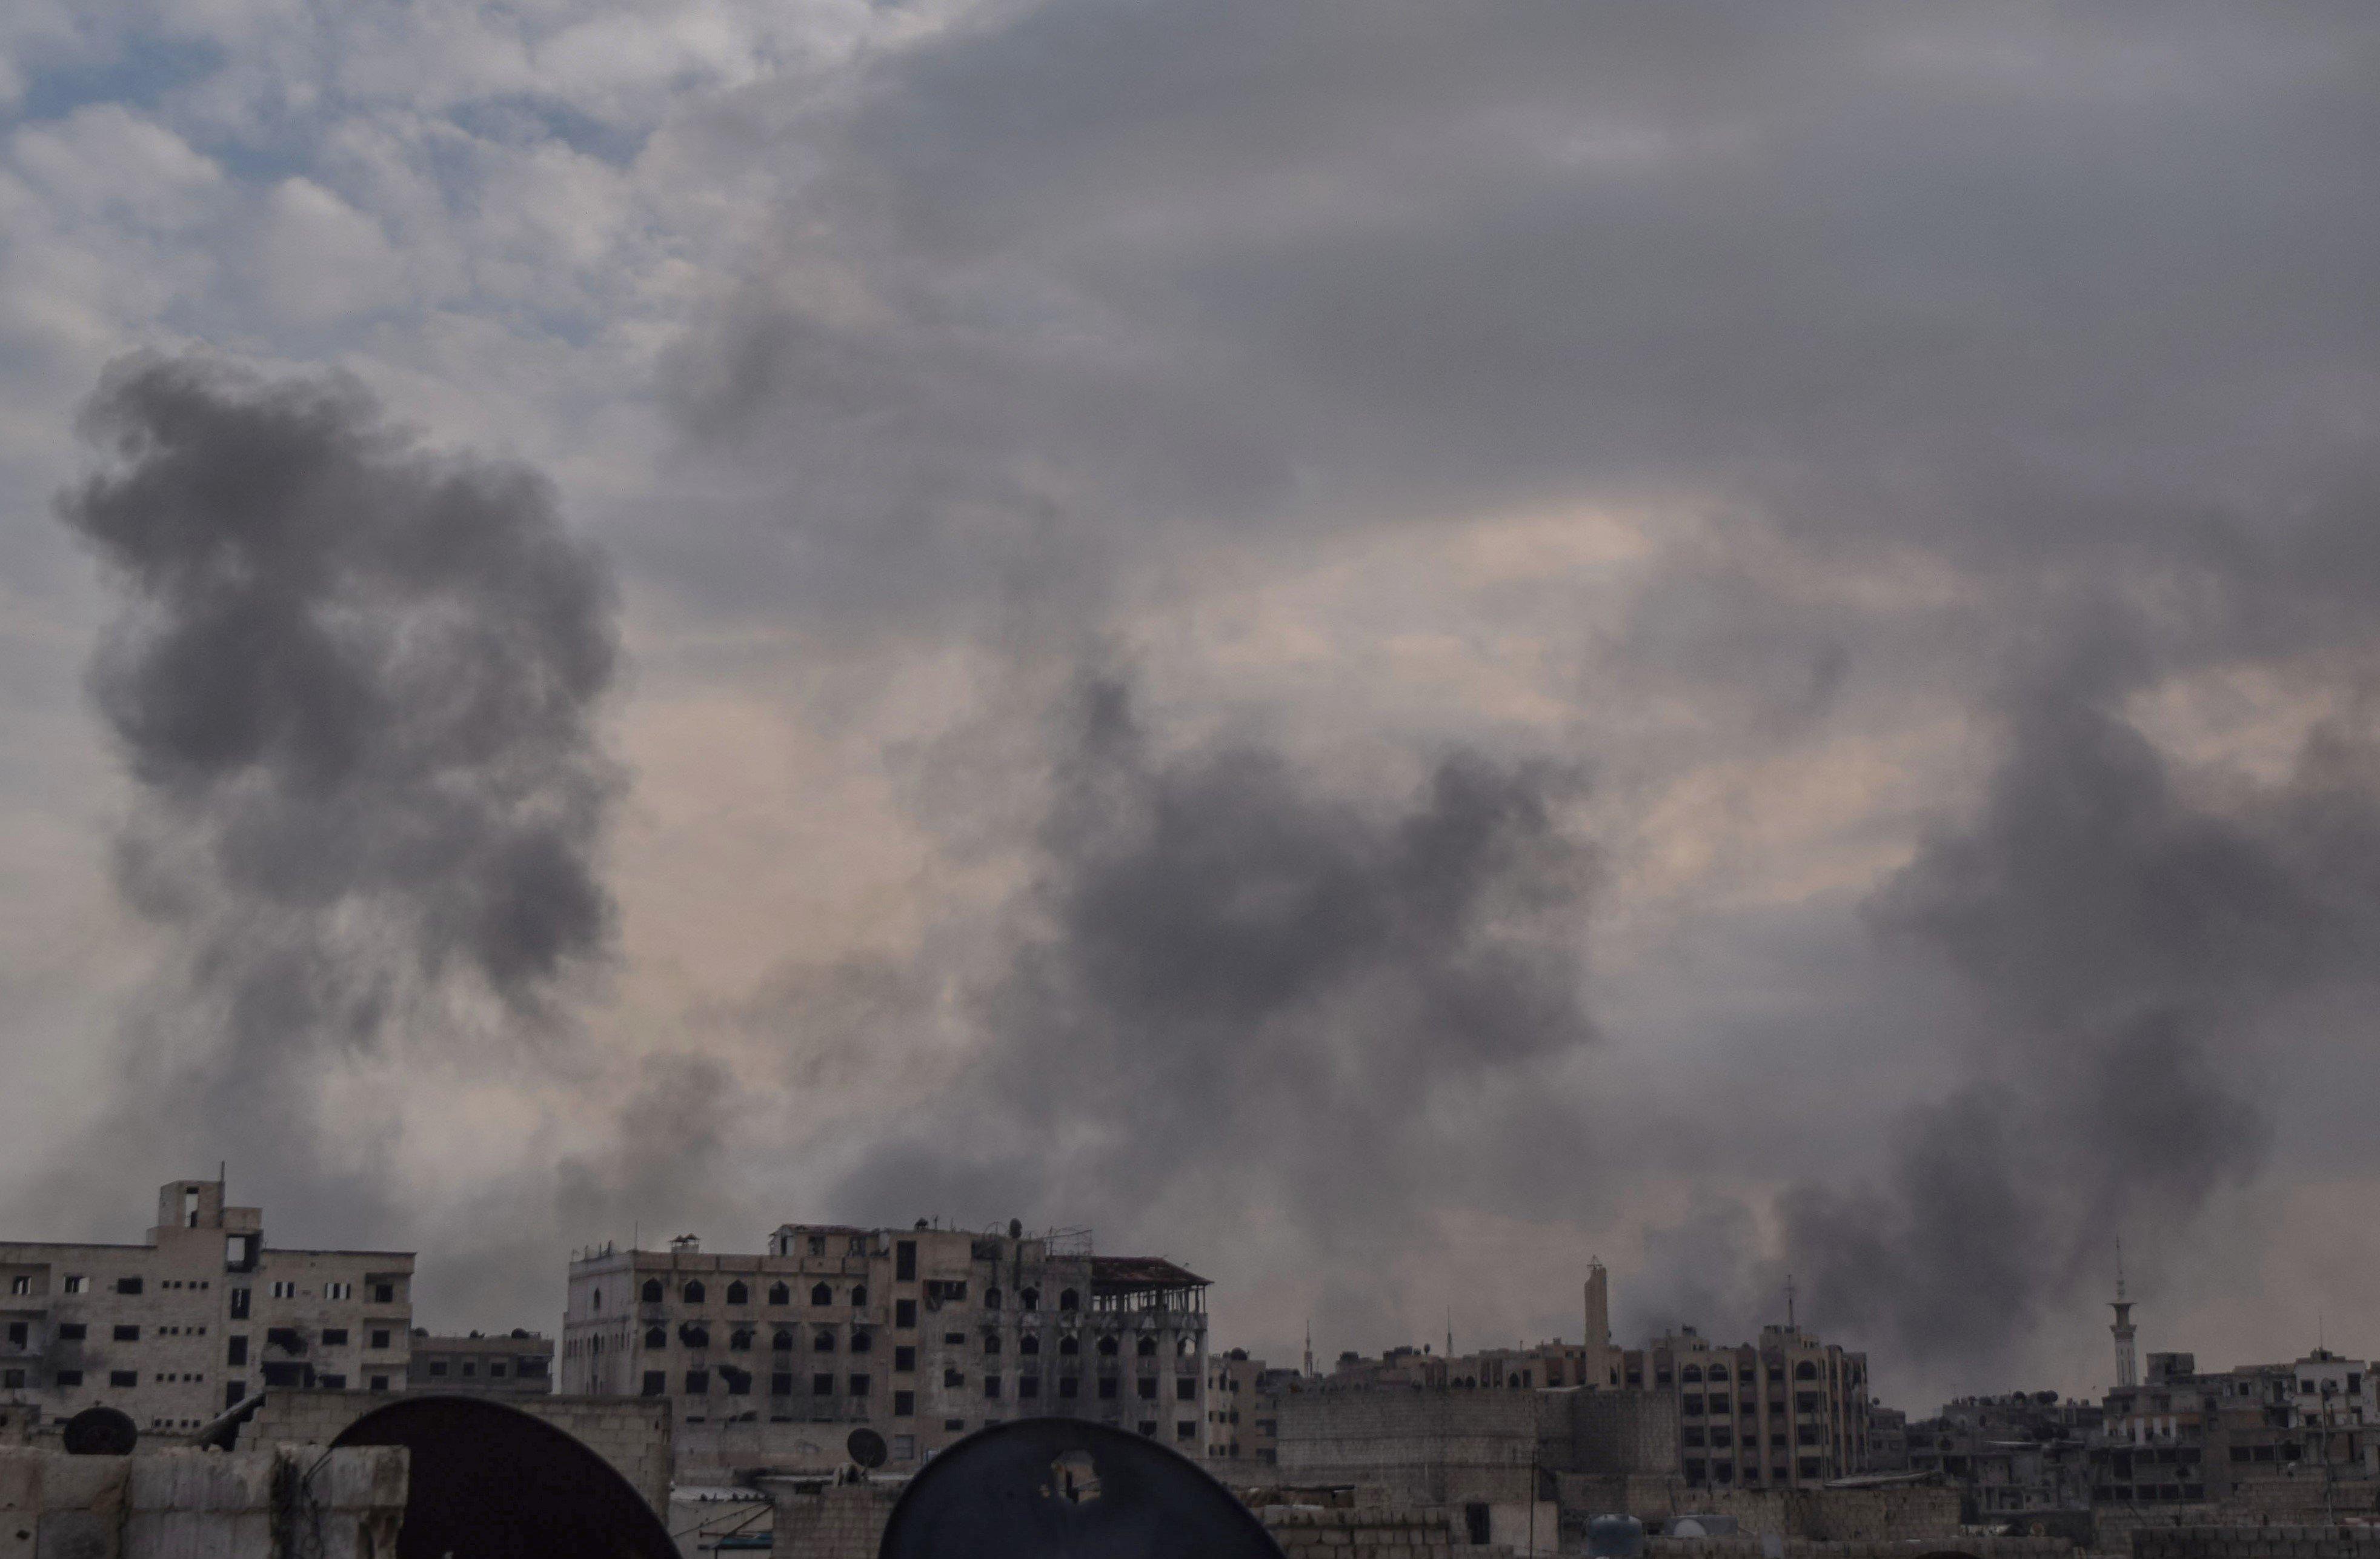 La Russie affirme que le régime syrien n'a pas employé d'armes chimiques à